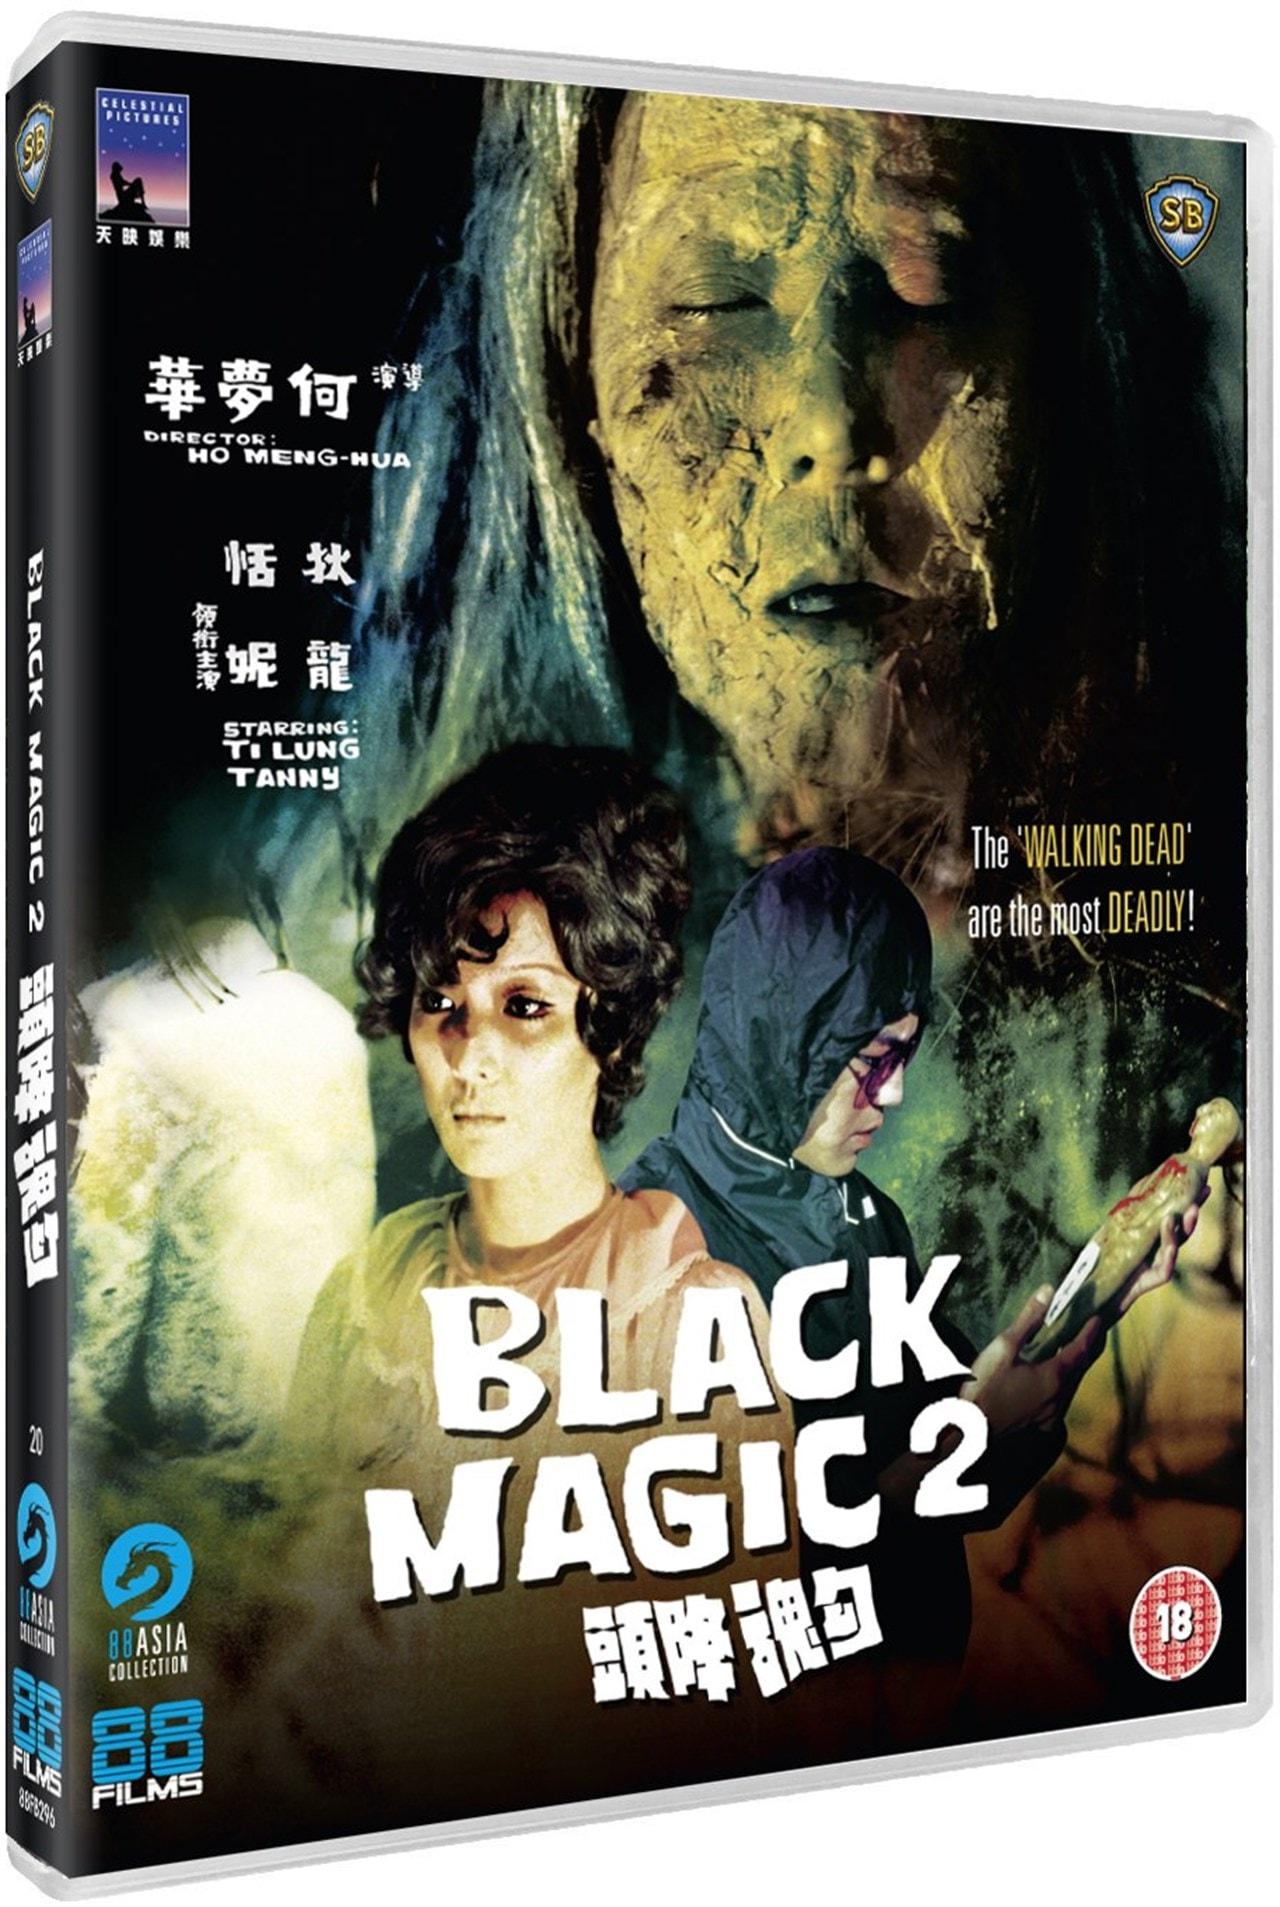 Black Magic 2 - 2